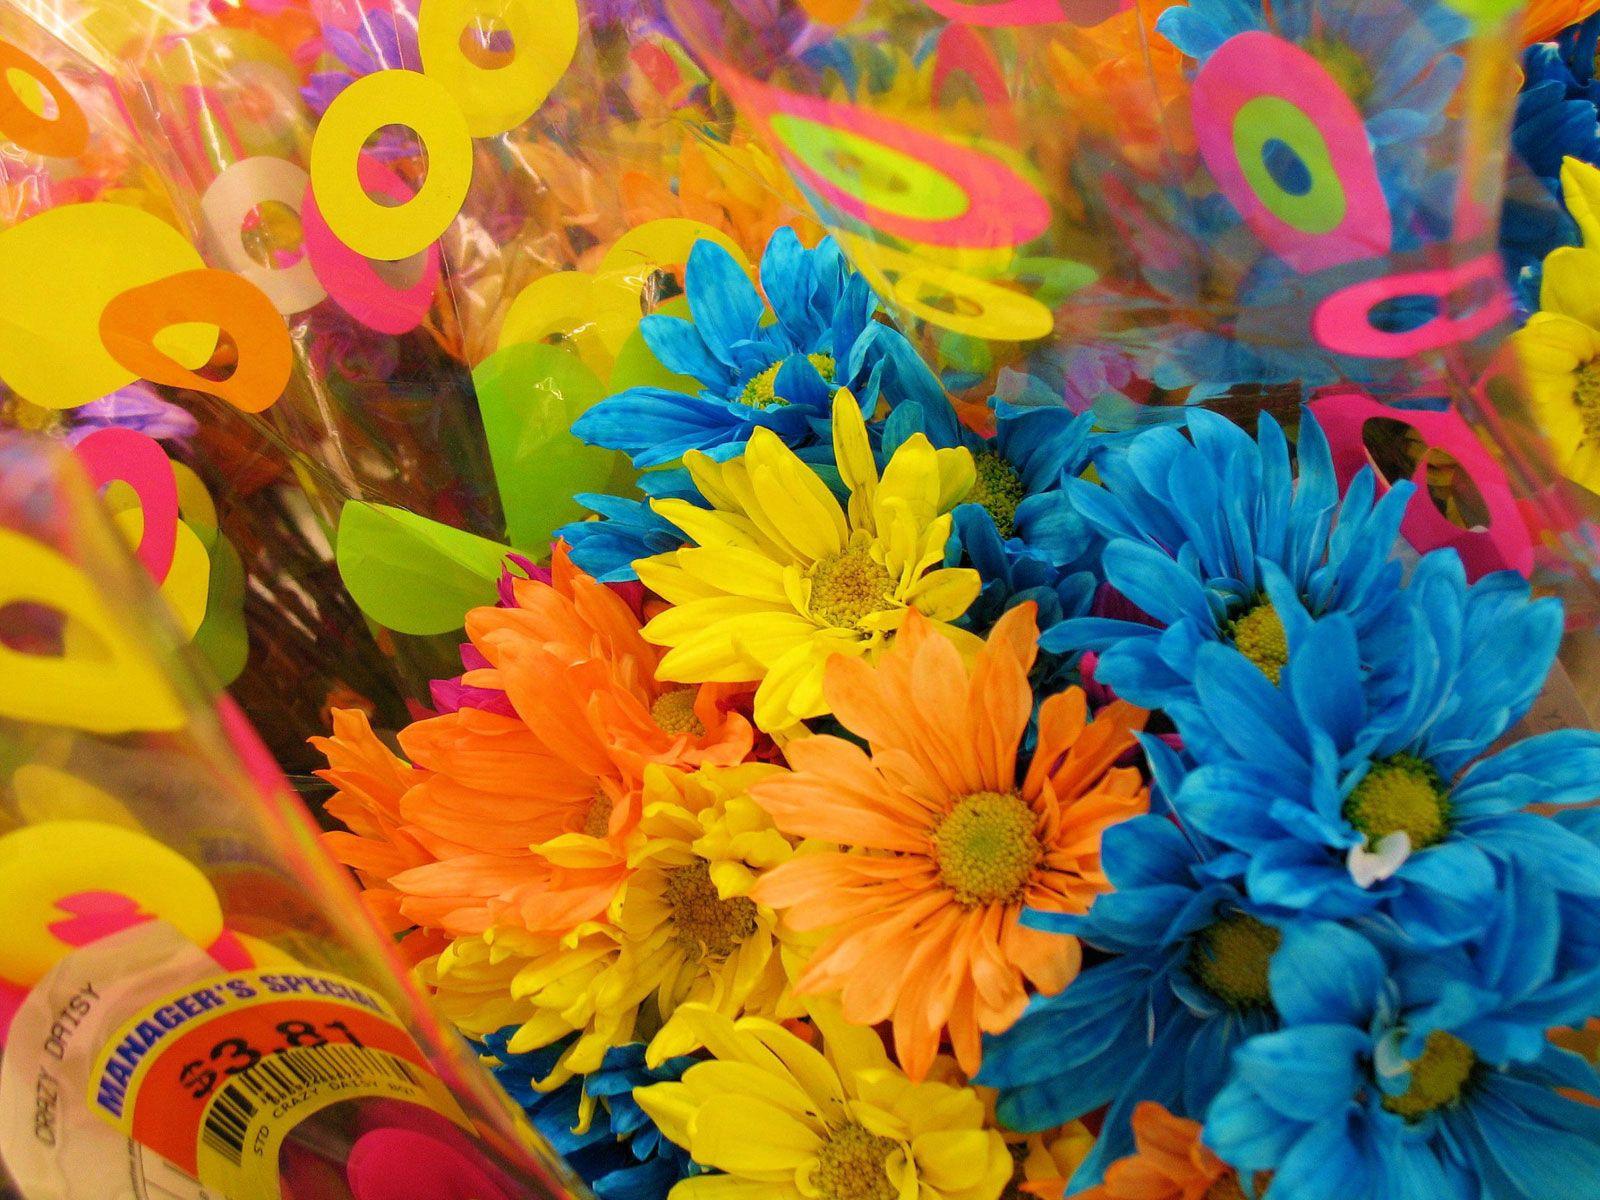 130847 télécharger le fond d'écran Fleurs, Emballage, Coloré, Graphiquement, Brillamment, Chrysanthème, Bouquets - économiseurs d'écran et images gratuitement